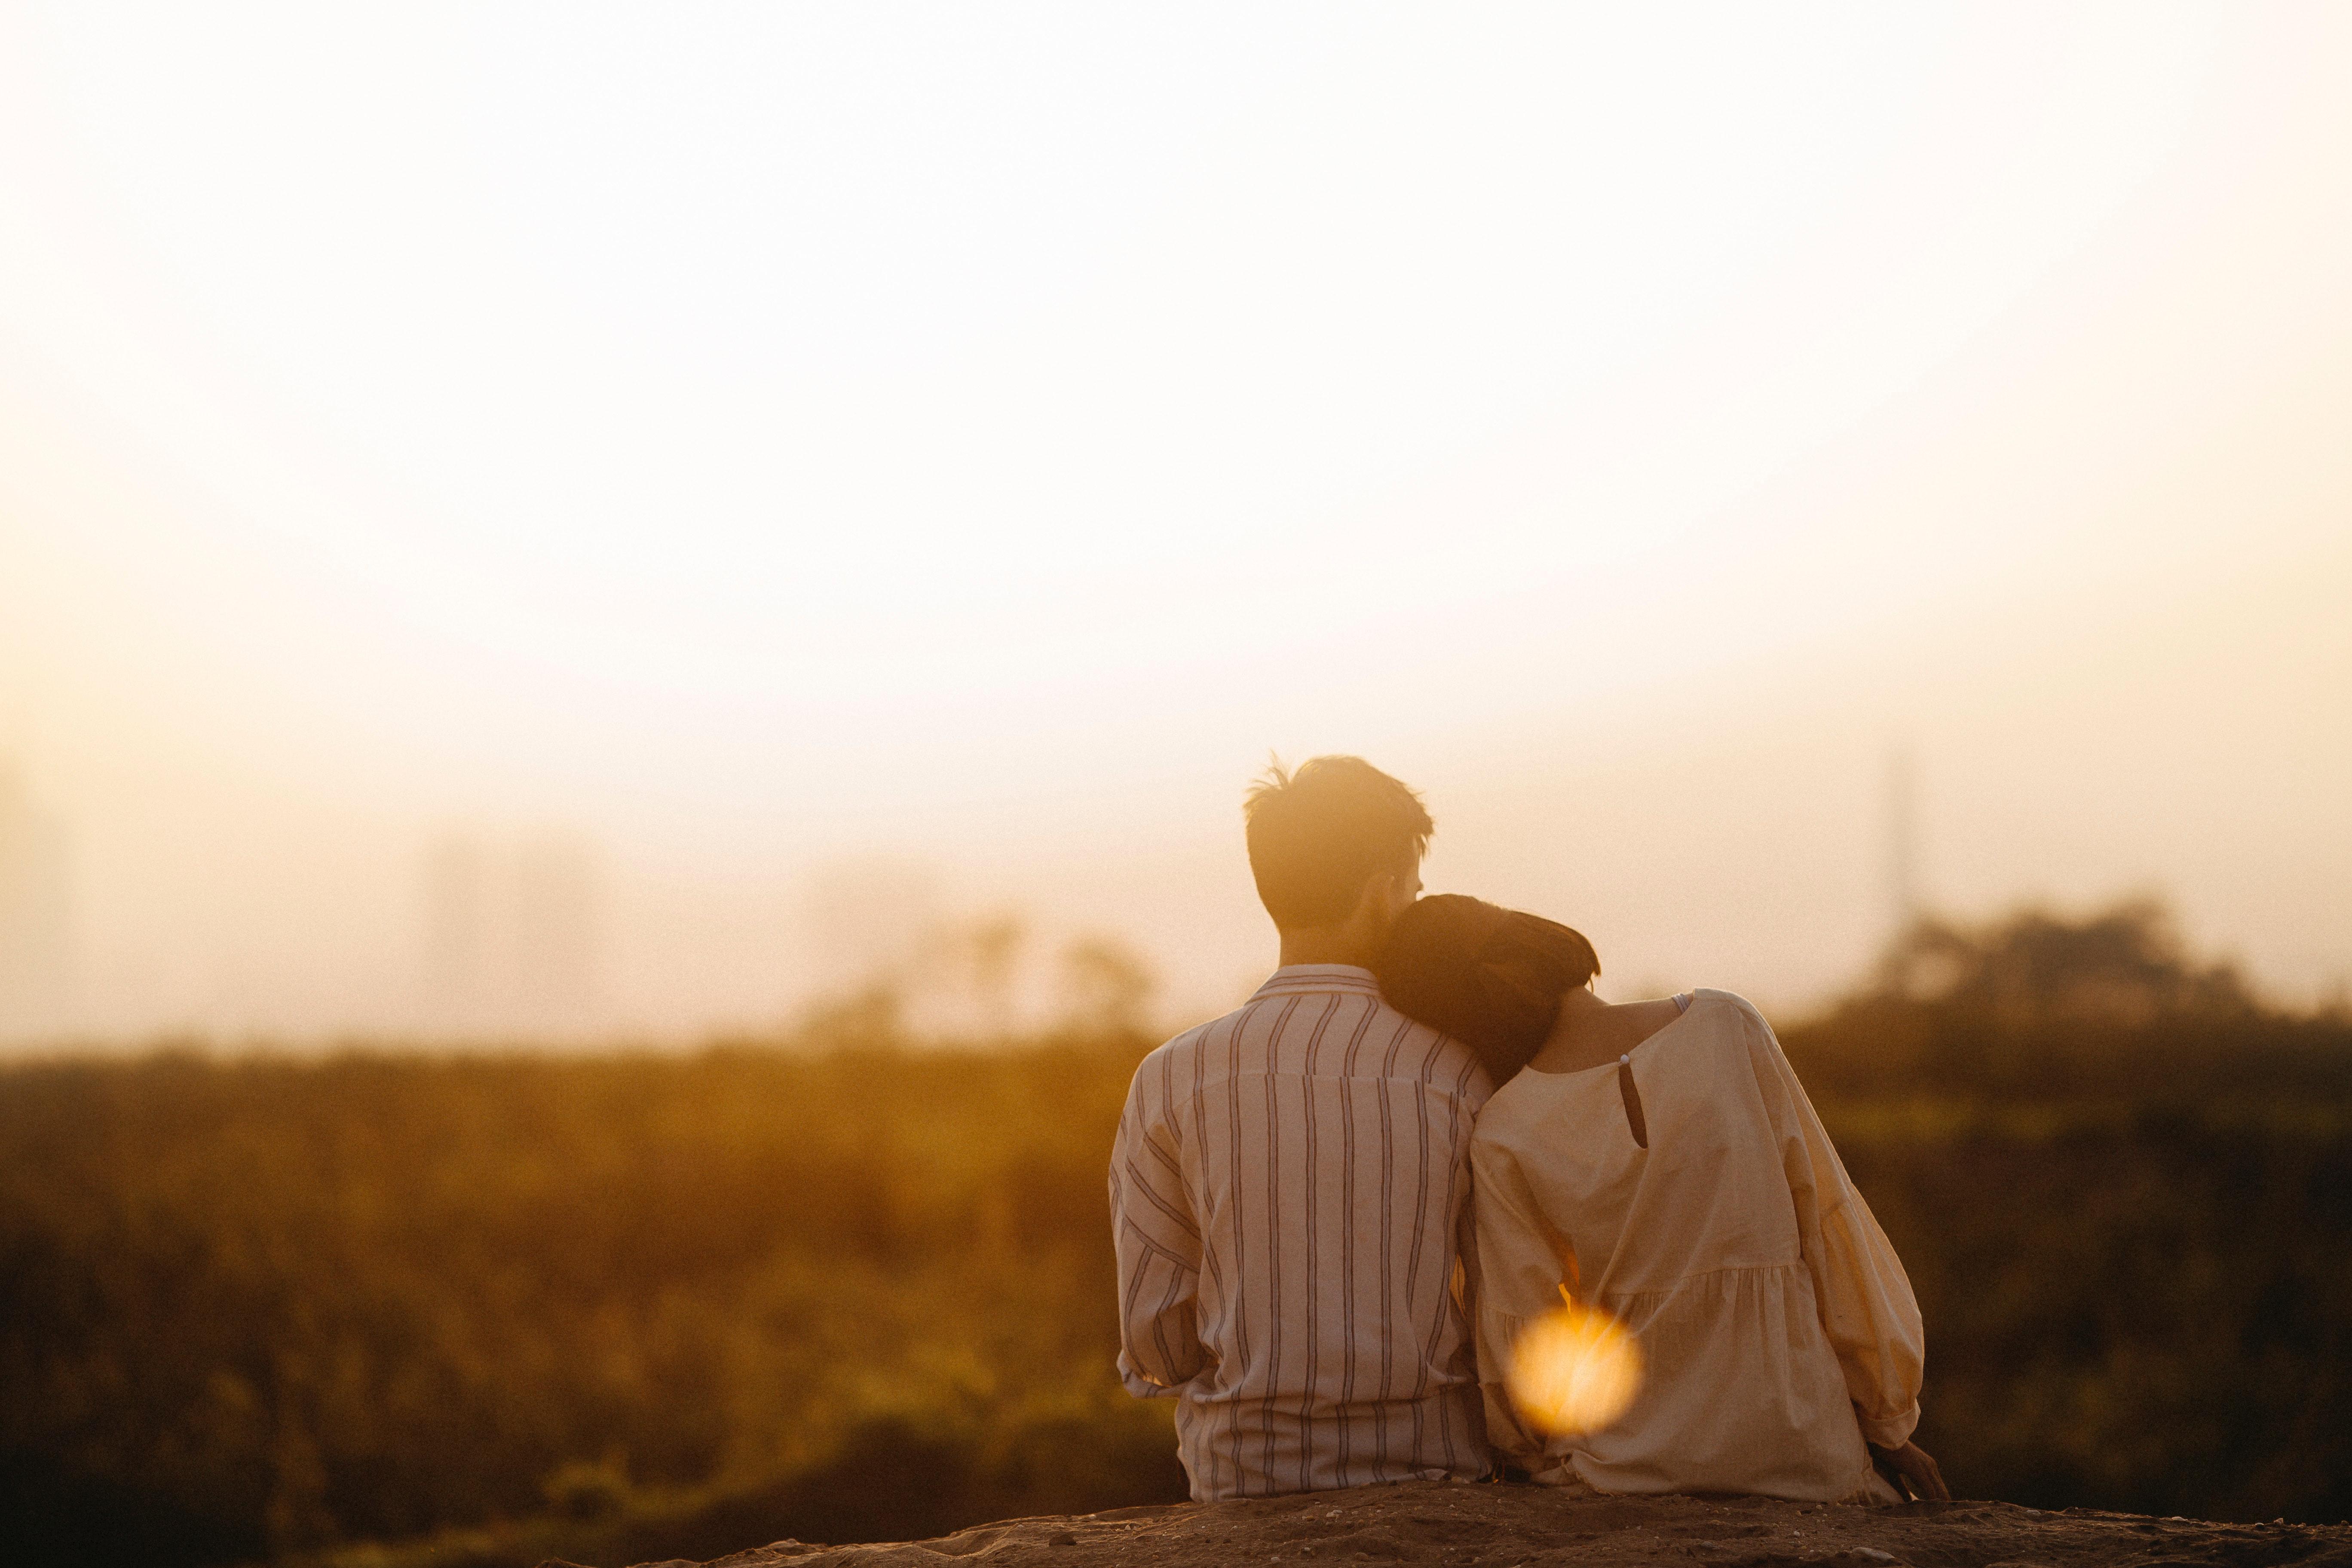 affection-backlit-blur-1415131